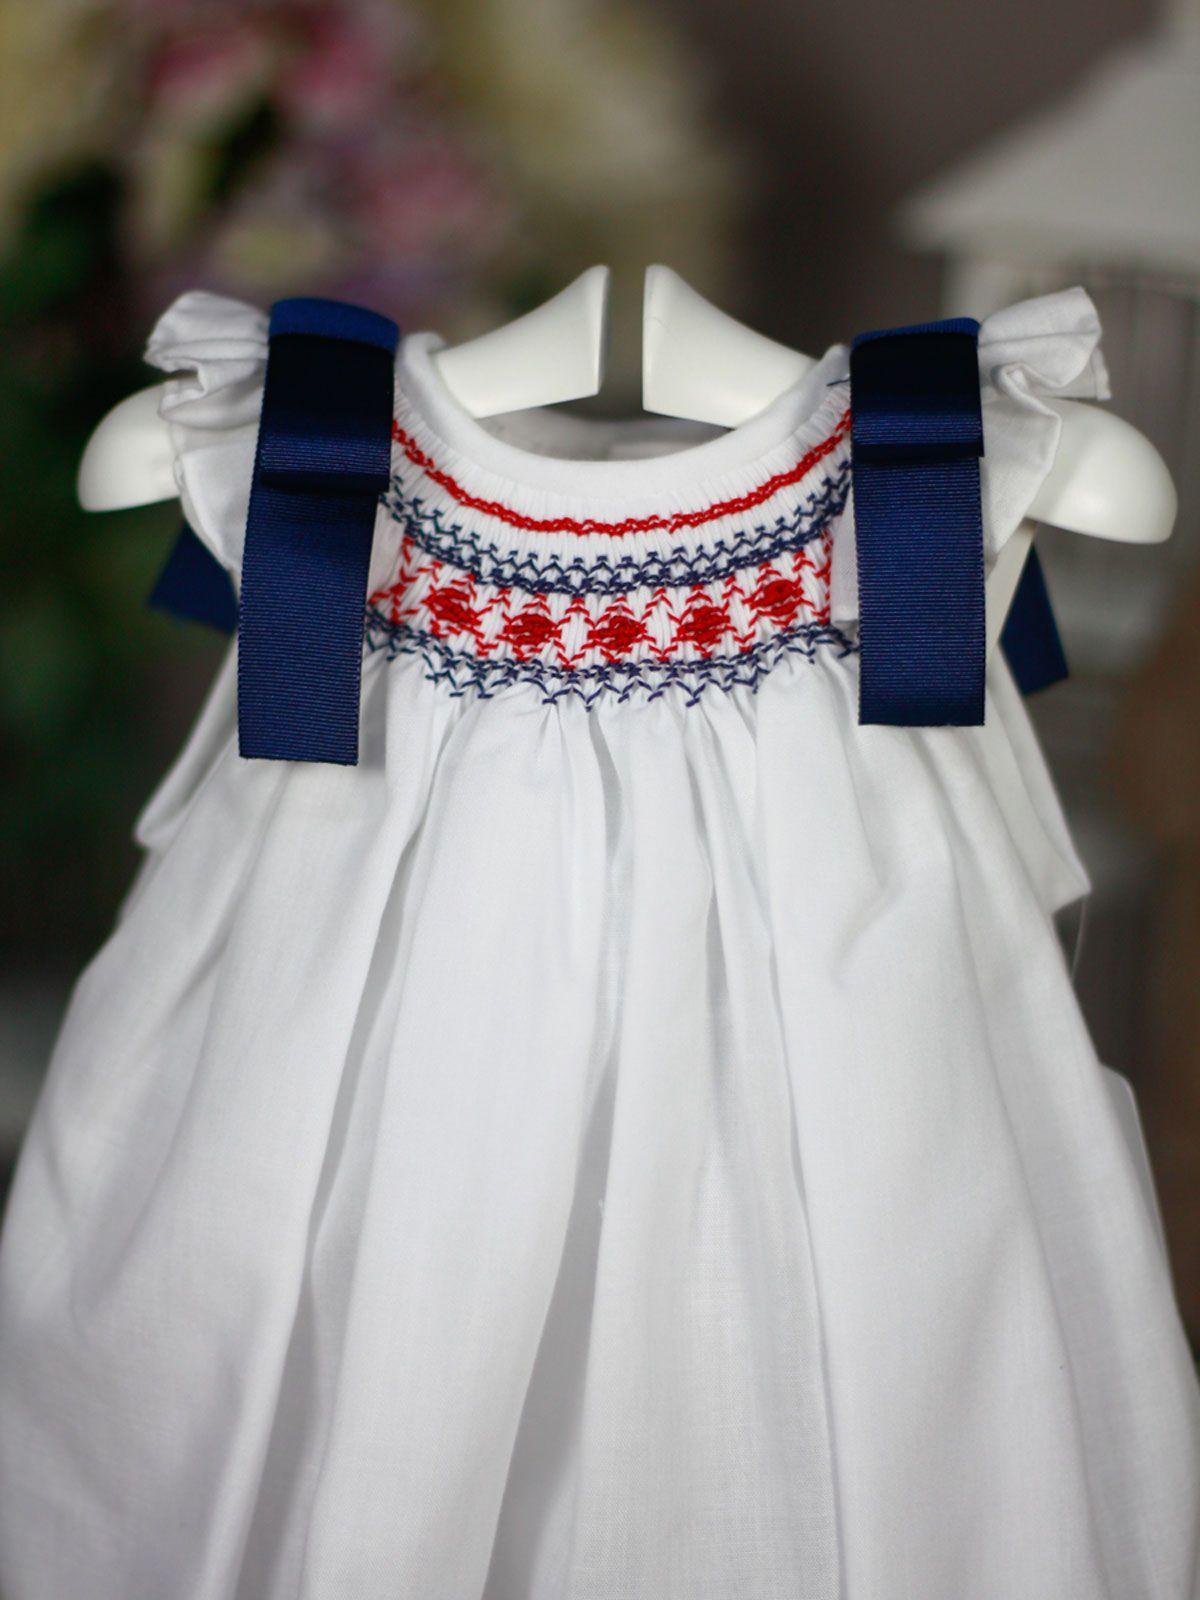 Fabrica vestidos punto smock mexico